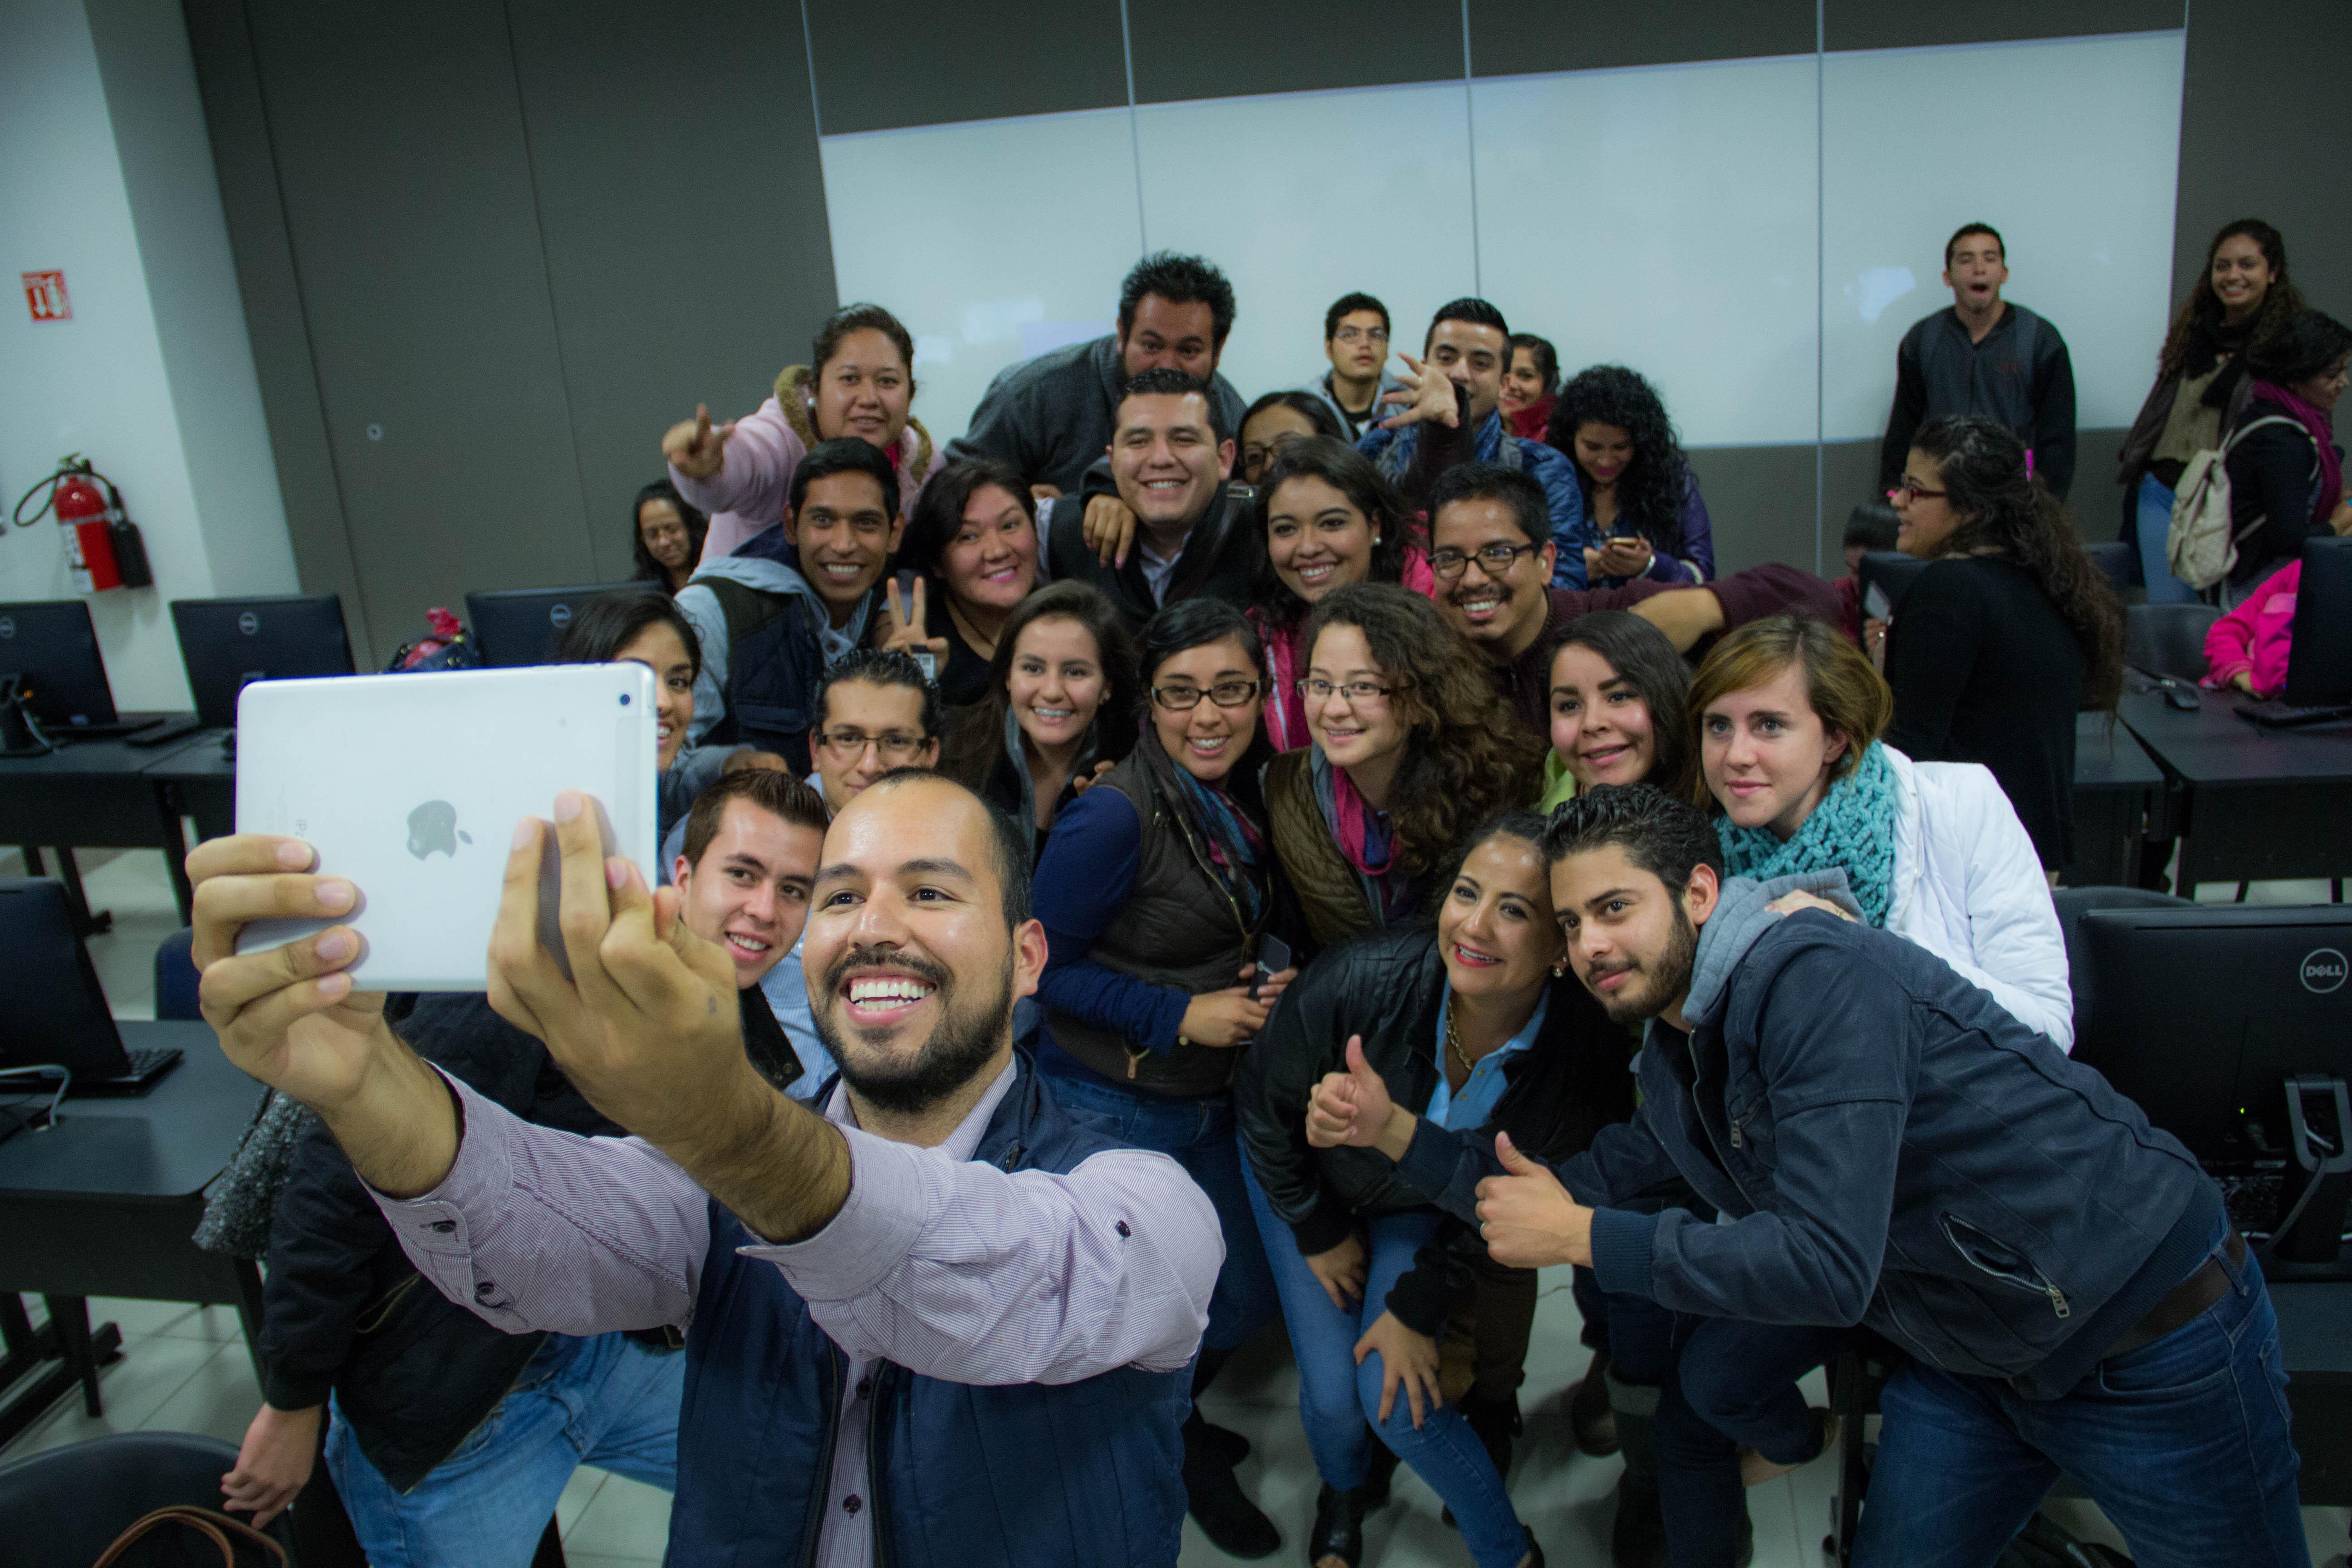 MK Universitario gracias a la nueva alianza con la Universidad Tecnológica de Aguascalientes utags ofreció el pasado 27 de Noviembre tres presentaciones en las instalaciones de la Institución